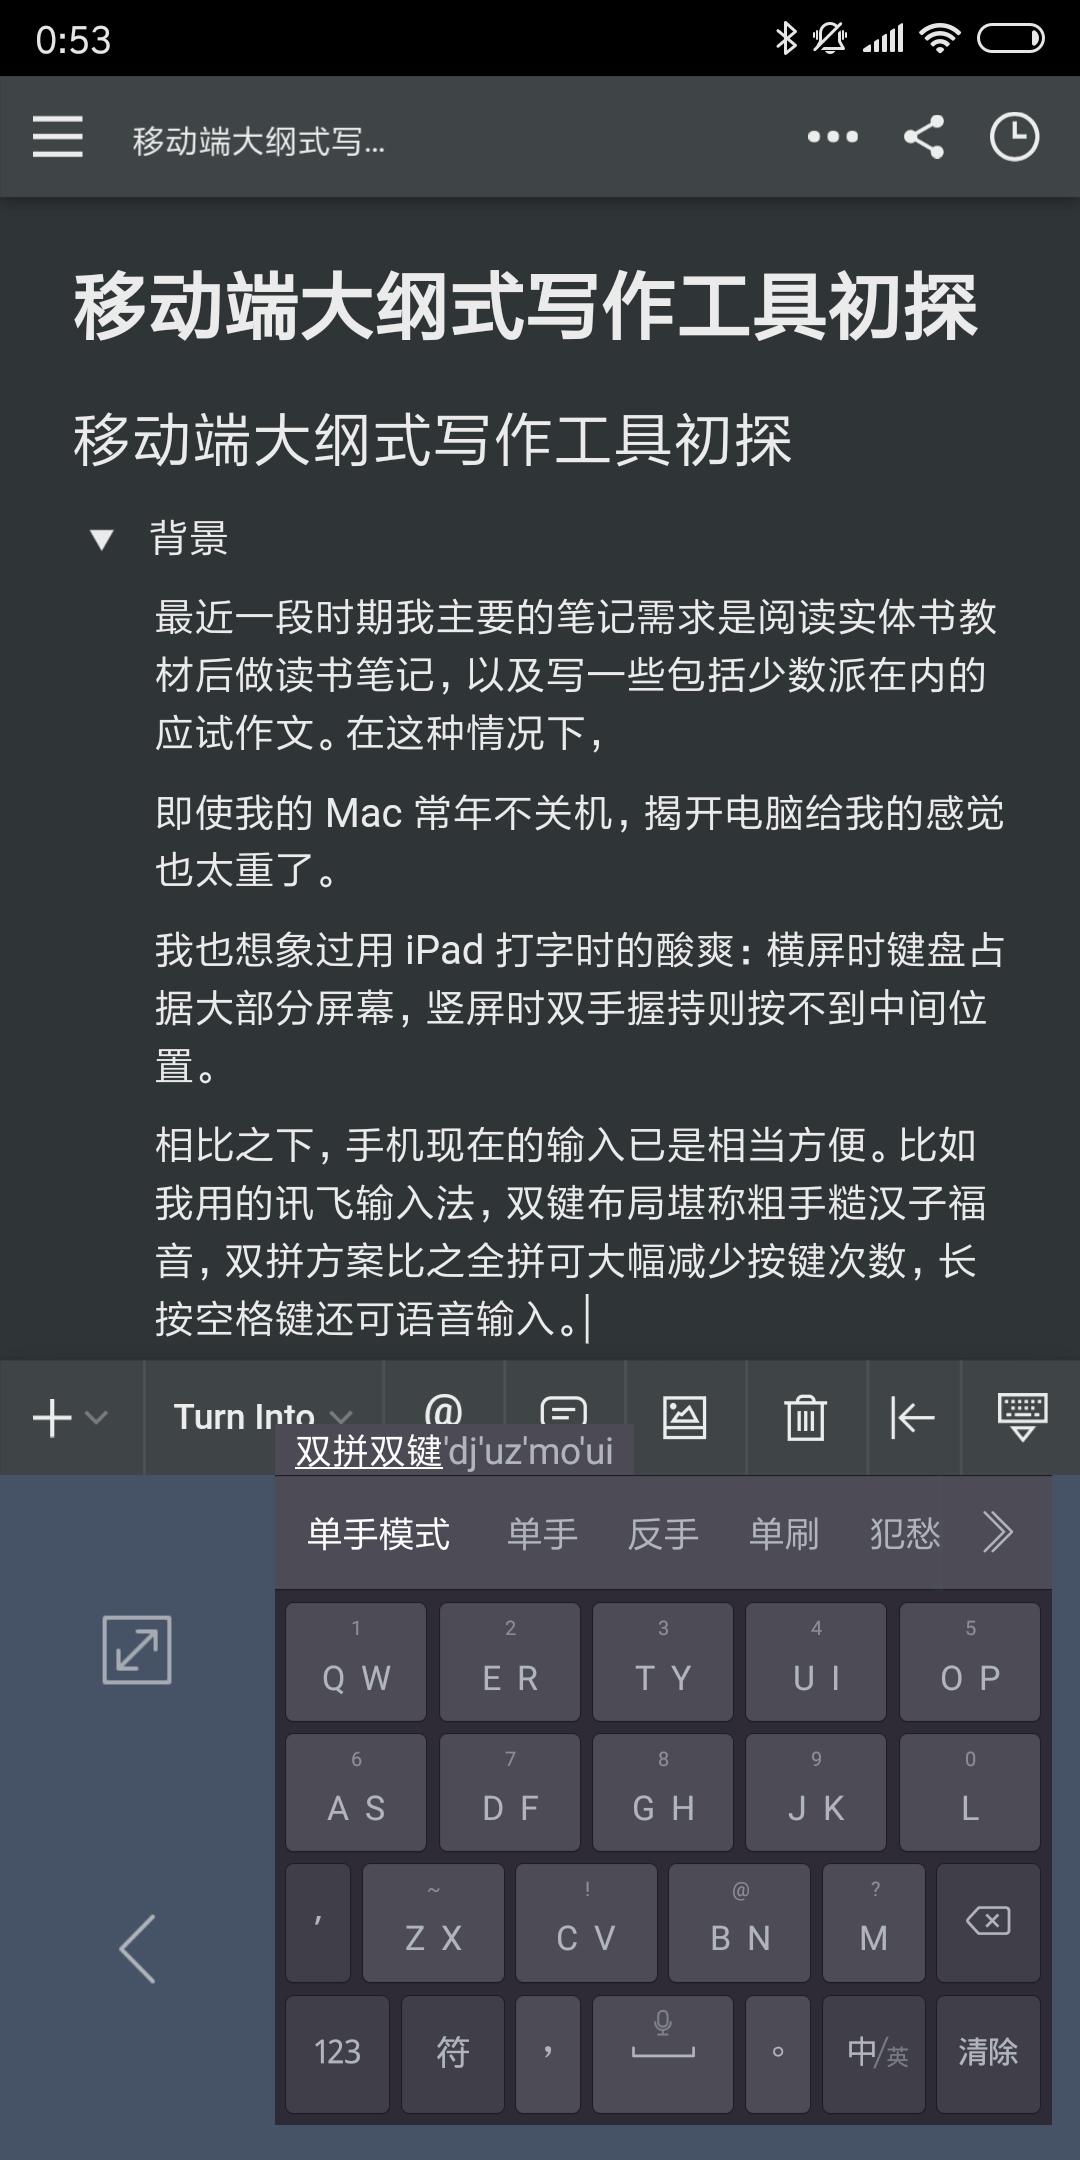 讯飞语音输入法双拼方案双键布局单手模式